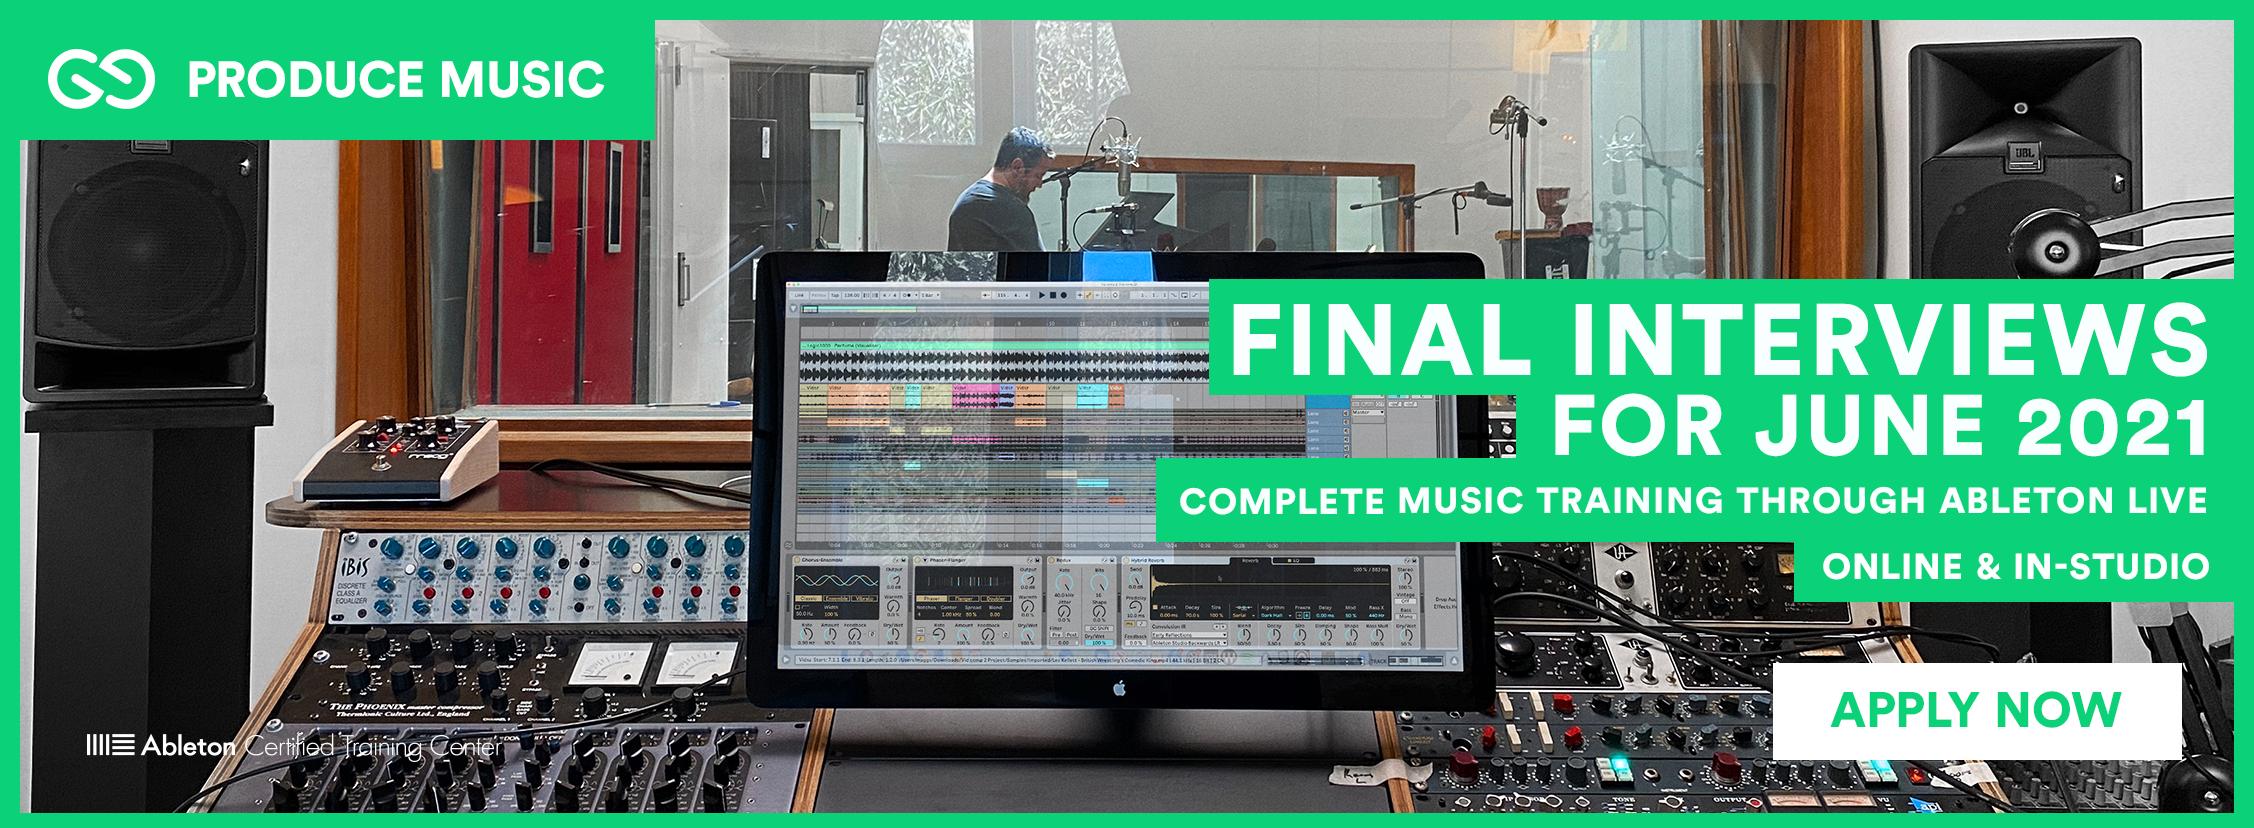 Produce Music | Liveschool | Final Interviews